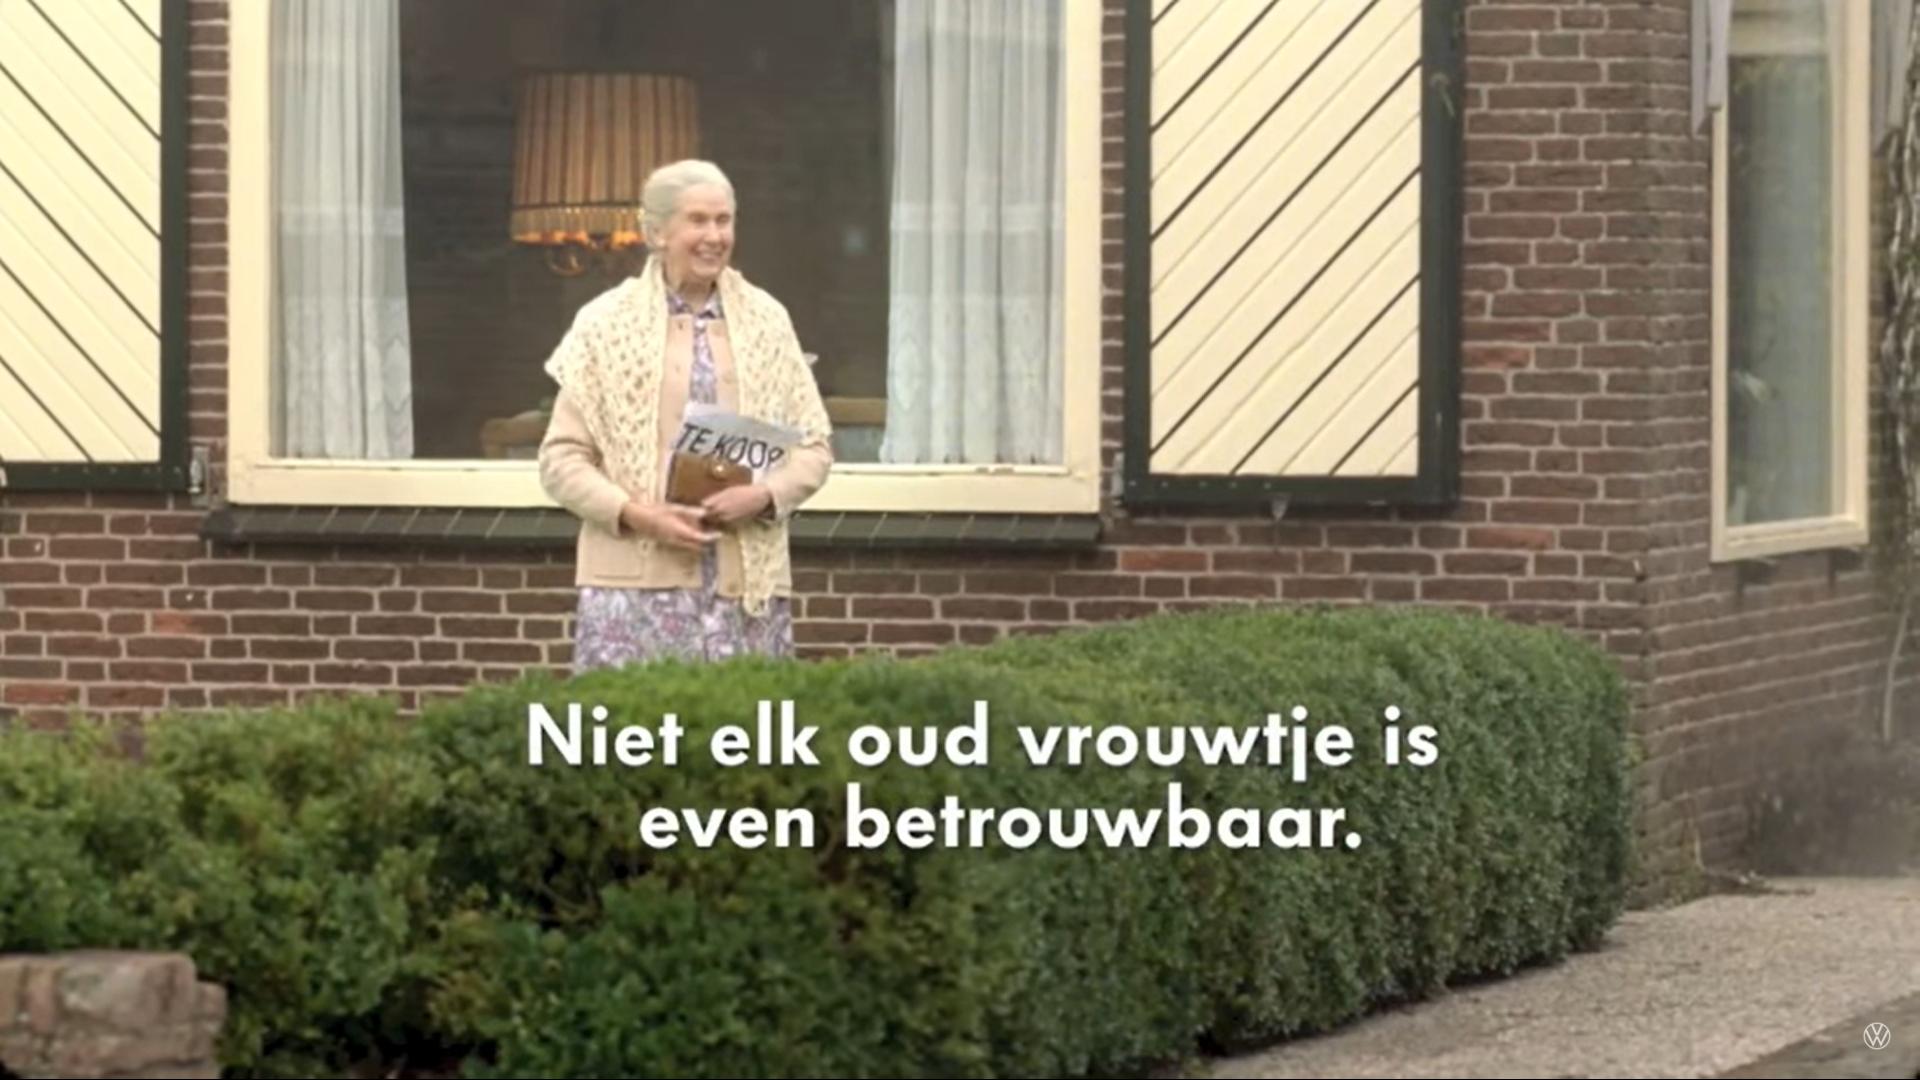 Volkswagen en het oude vrouwtje reclame slogan